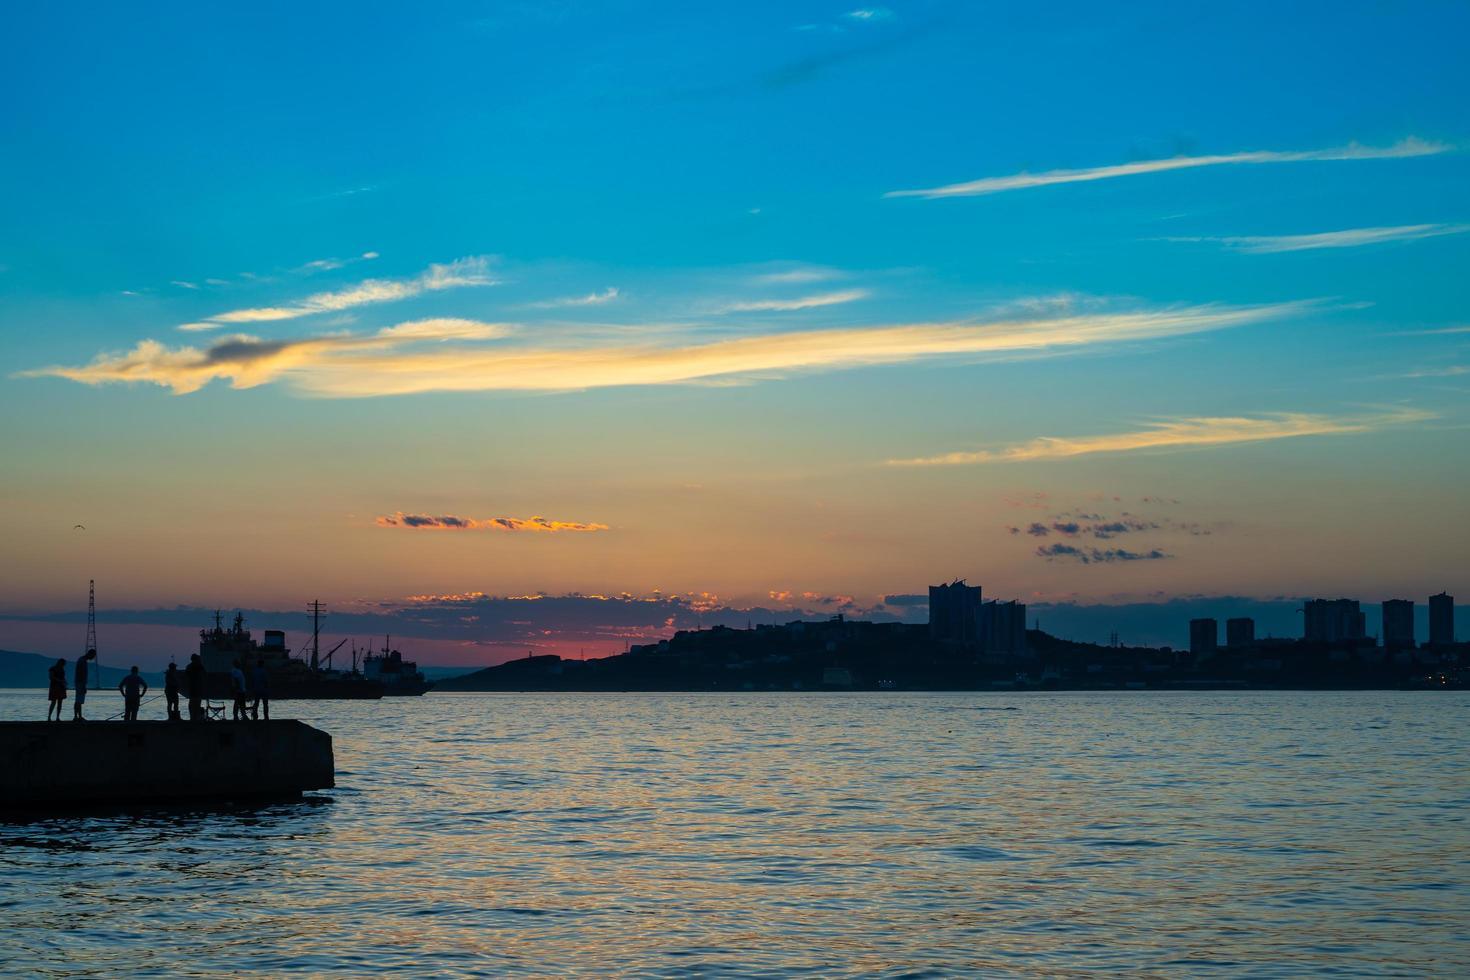 Paisaje marino con silueta de personas en un muelle con colorido atardecer nublado en Vladivostok, Rusia foto